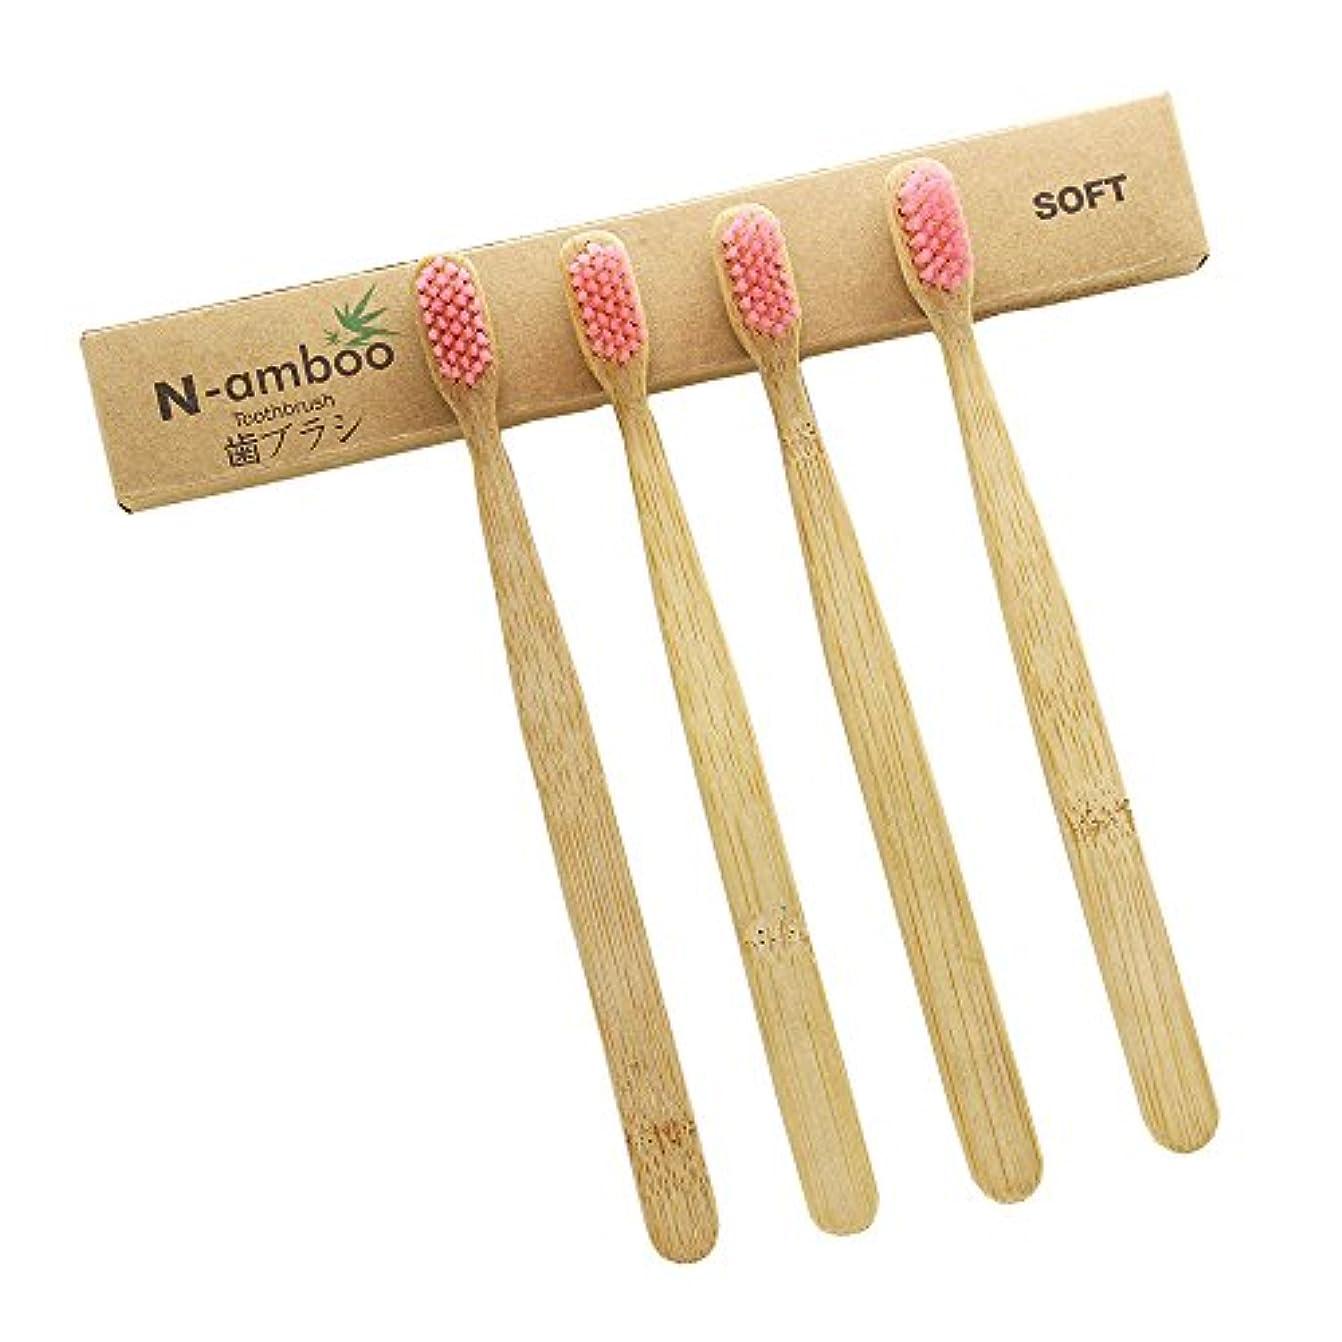 ストッキング多年生エイズN-amboo 竹製 歯ブラシ 高耐久性 ピンク エコ 色あざやか (4本)